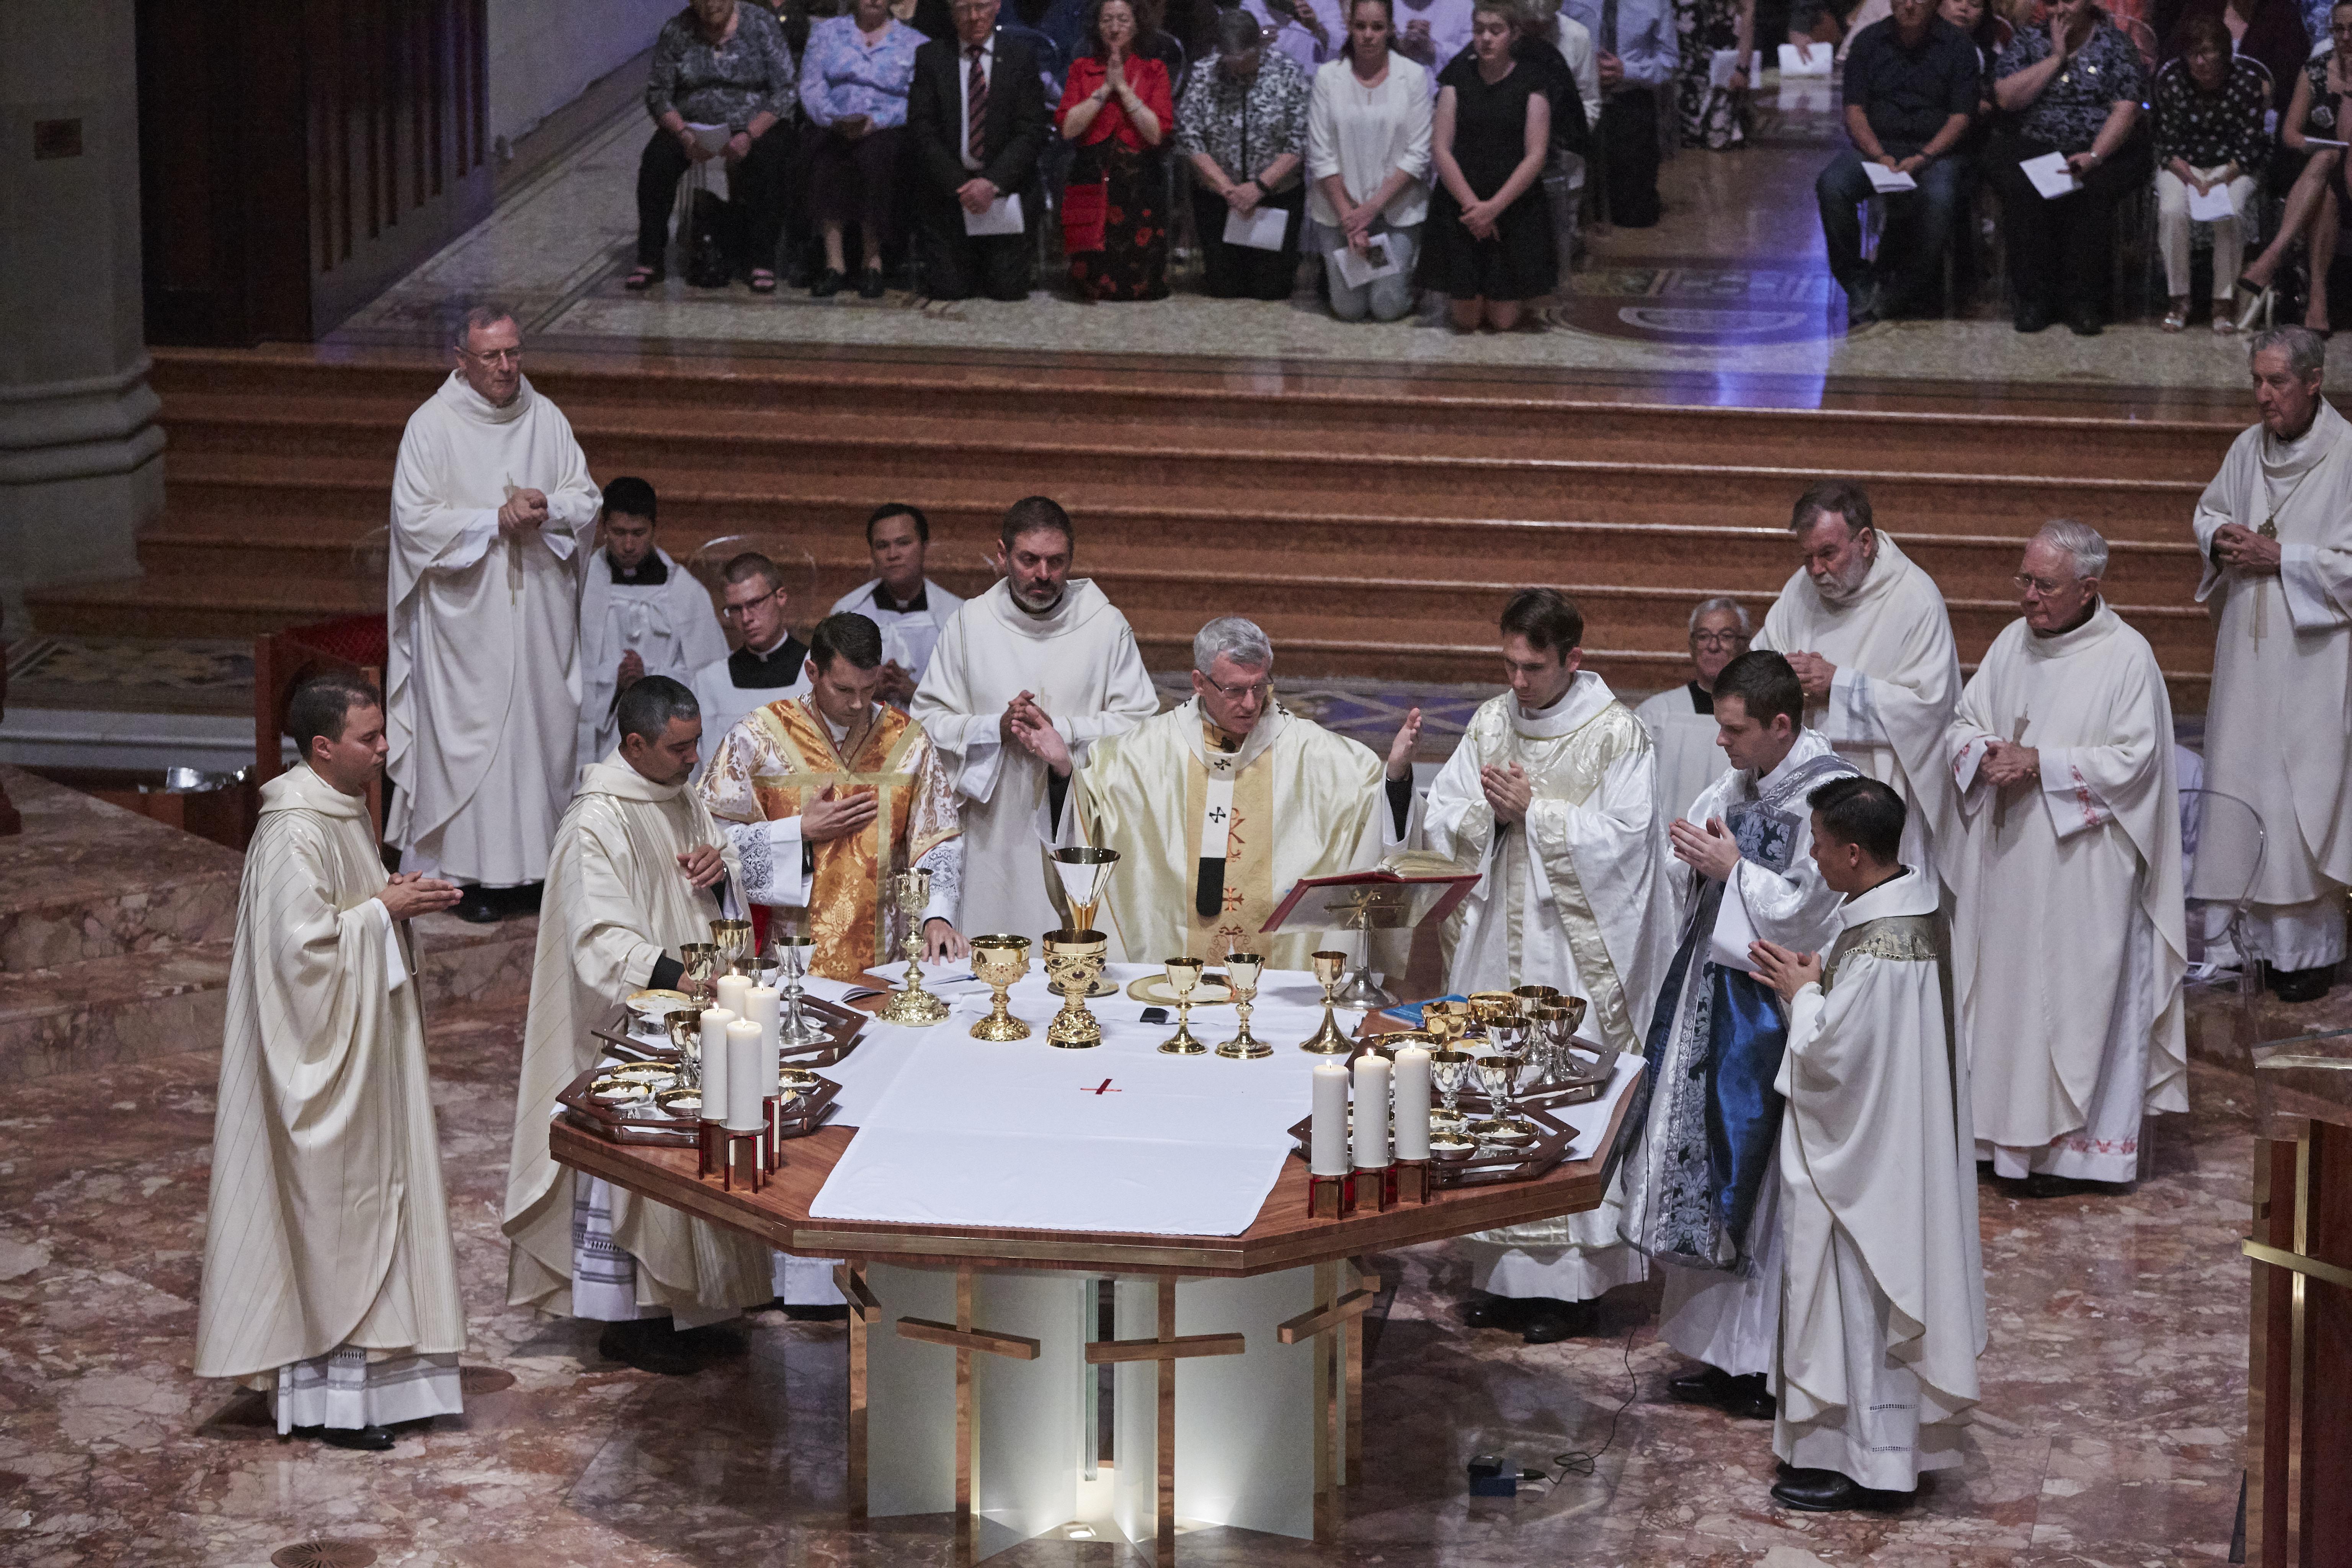 Liturgy - 5